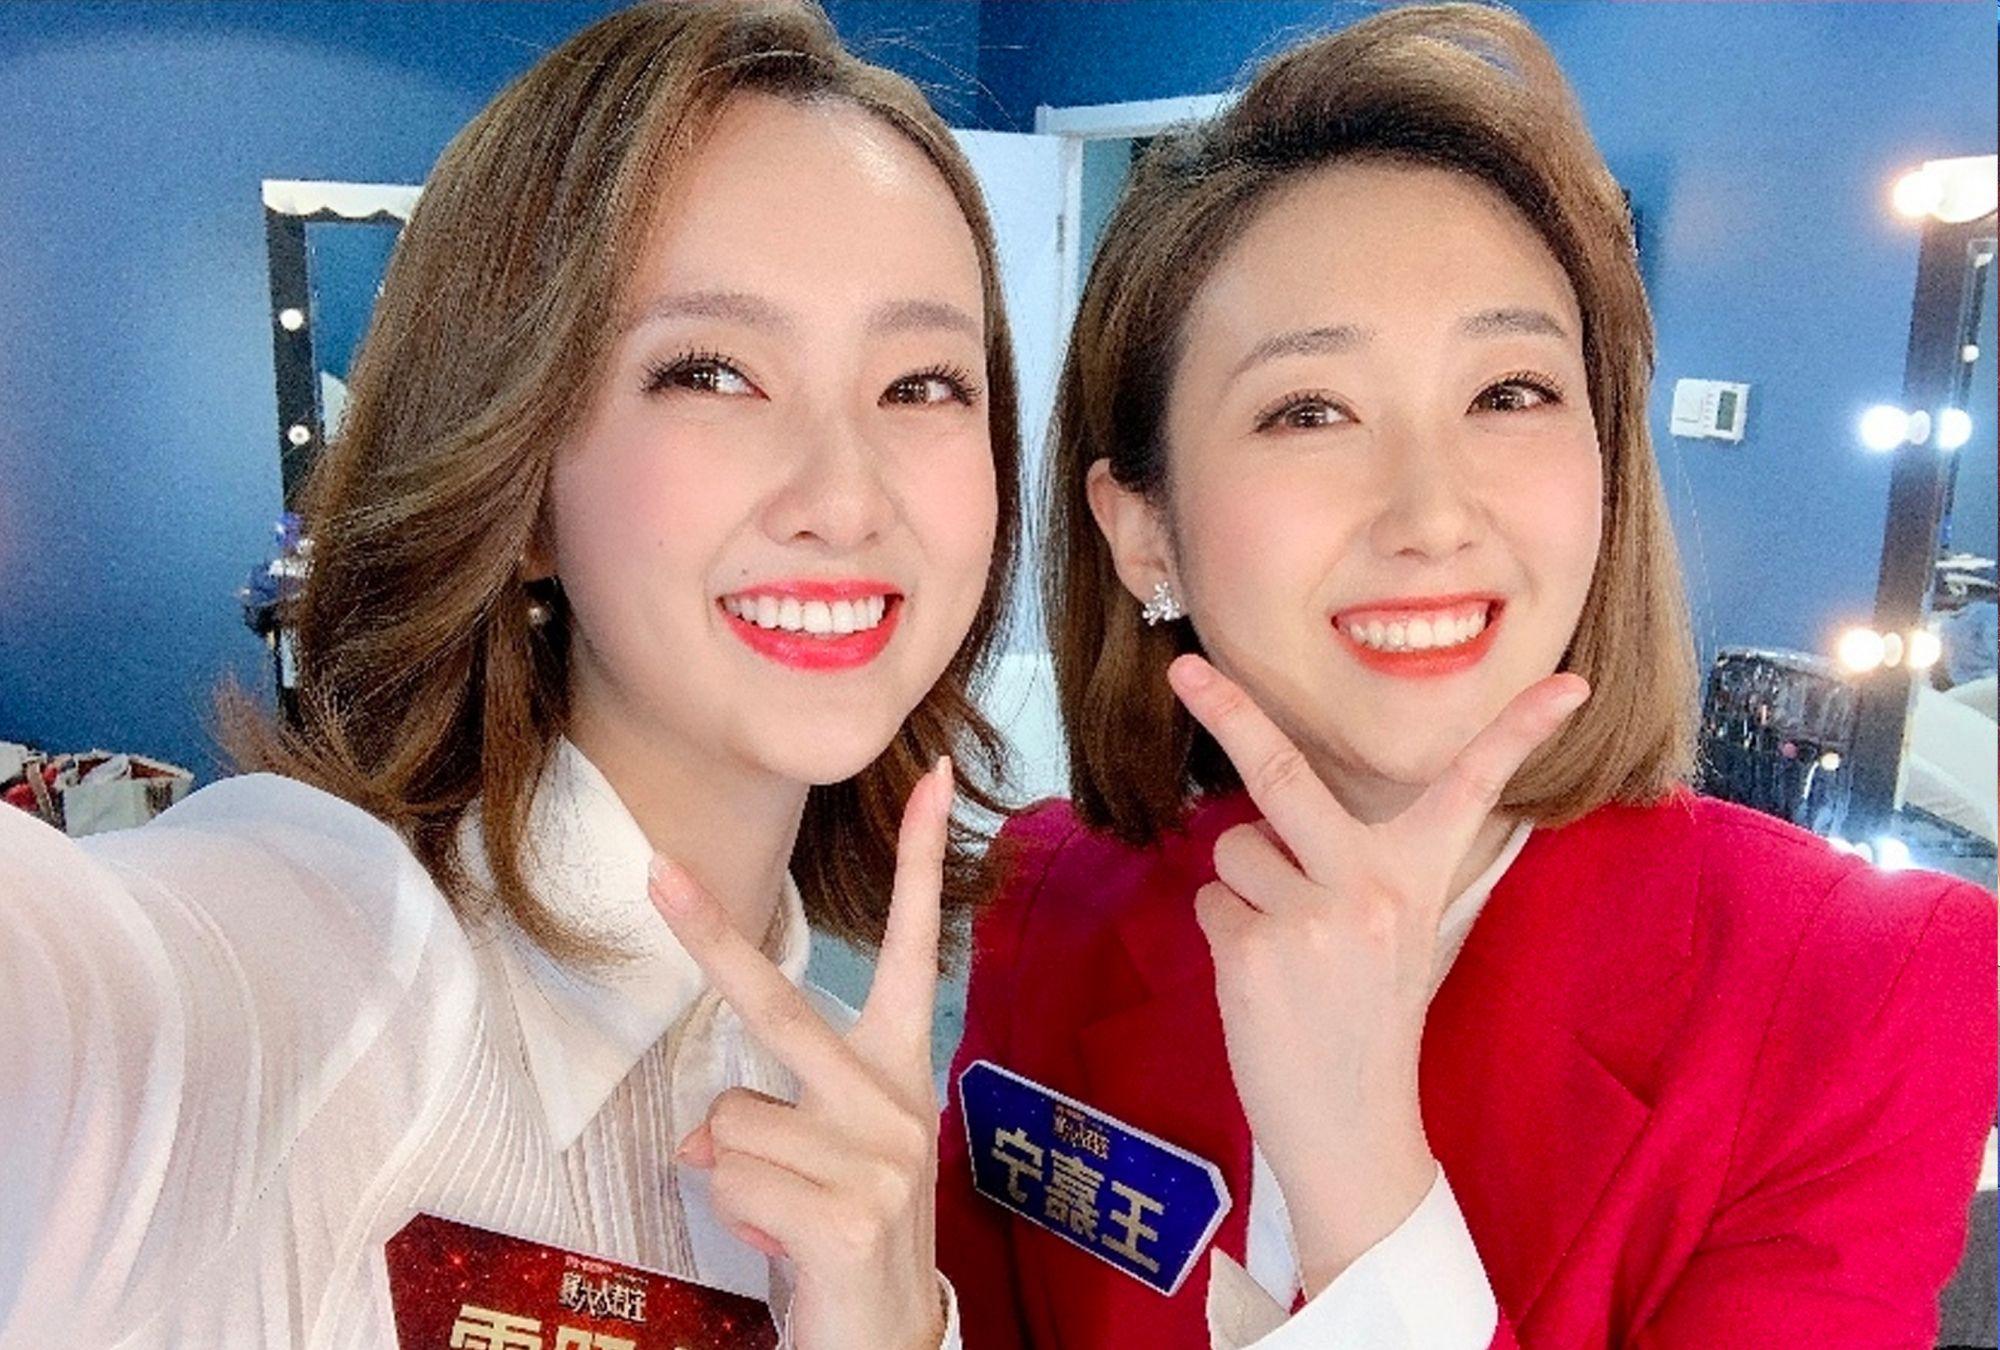 主持人大赛有两位女神选手,相貌相似好像双胞胎姐妹